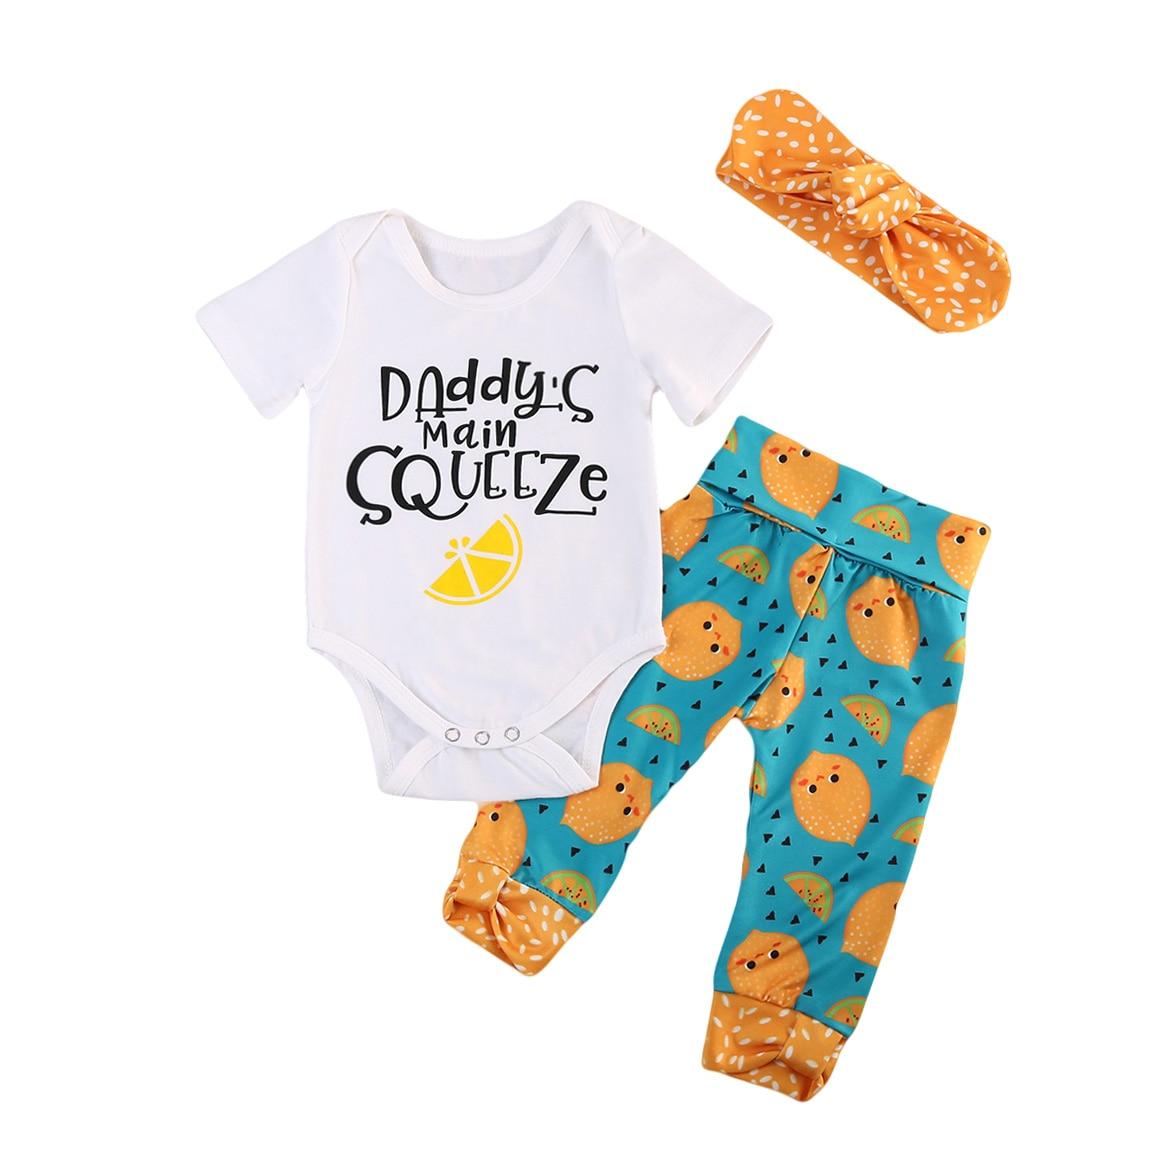 Nouveau-né Bébé Filles Vêtements Ensembles À Manches Courtes Barboteuse Pantalon Bandeaux 3 pcs Tenues Vêtements Ensemble Bébé Fille